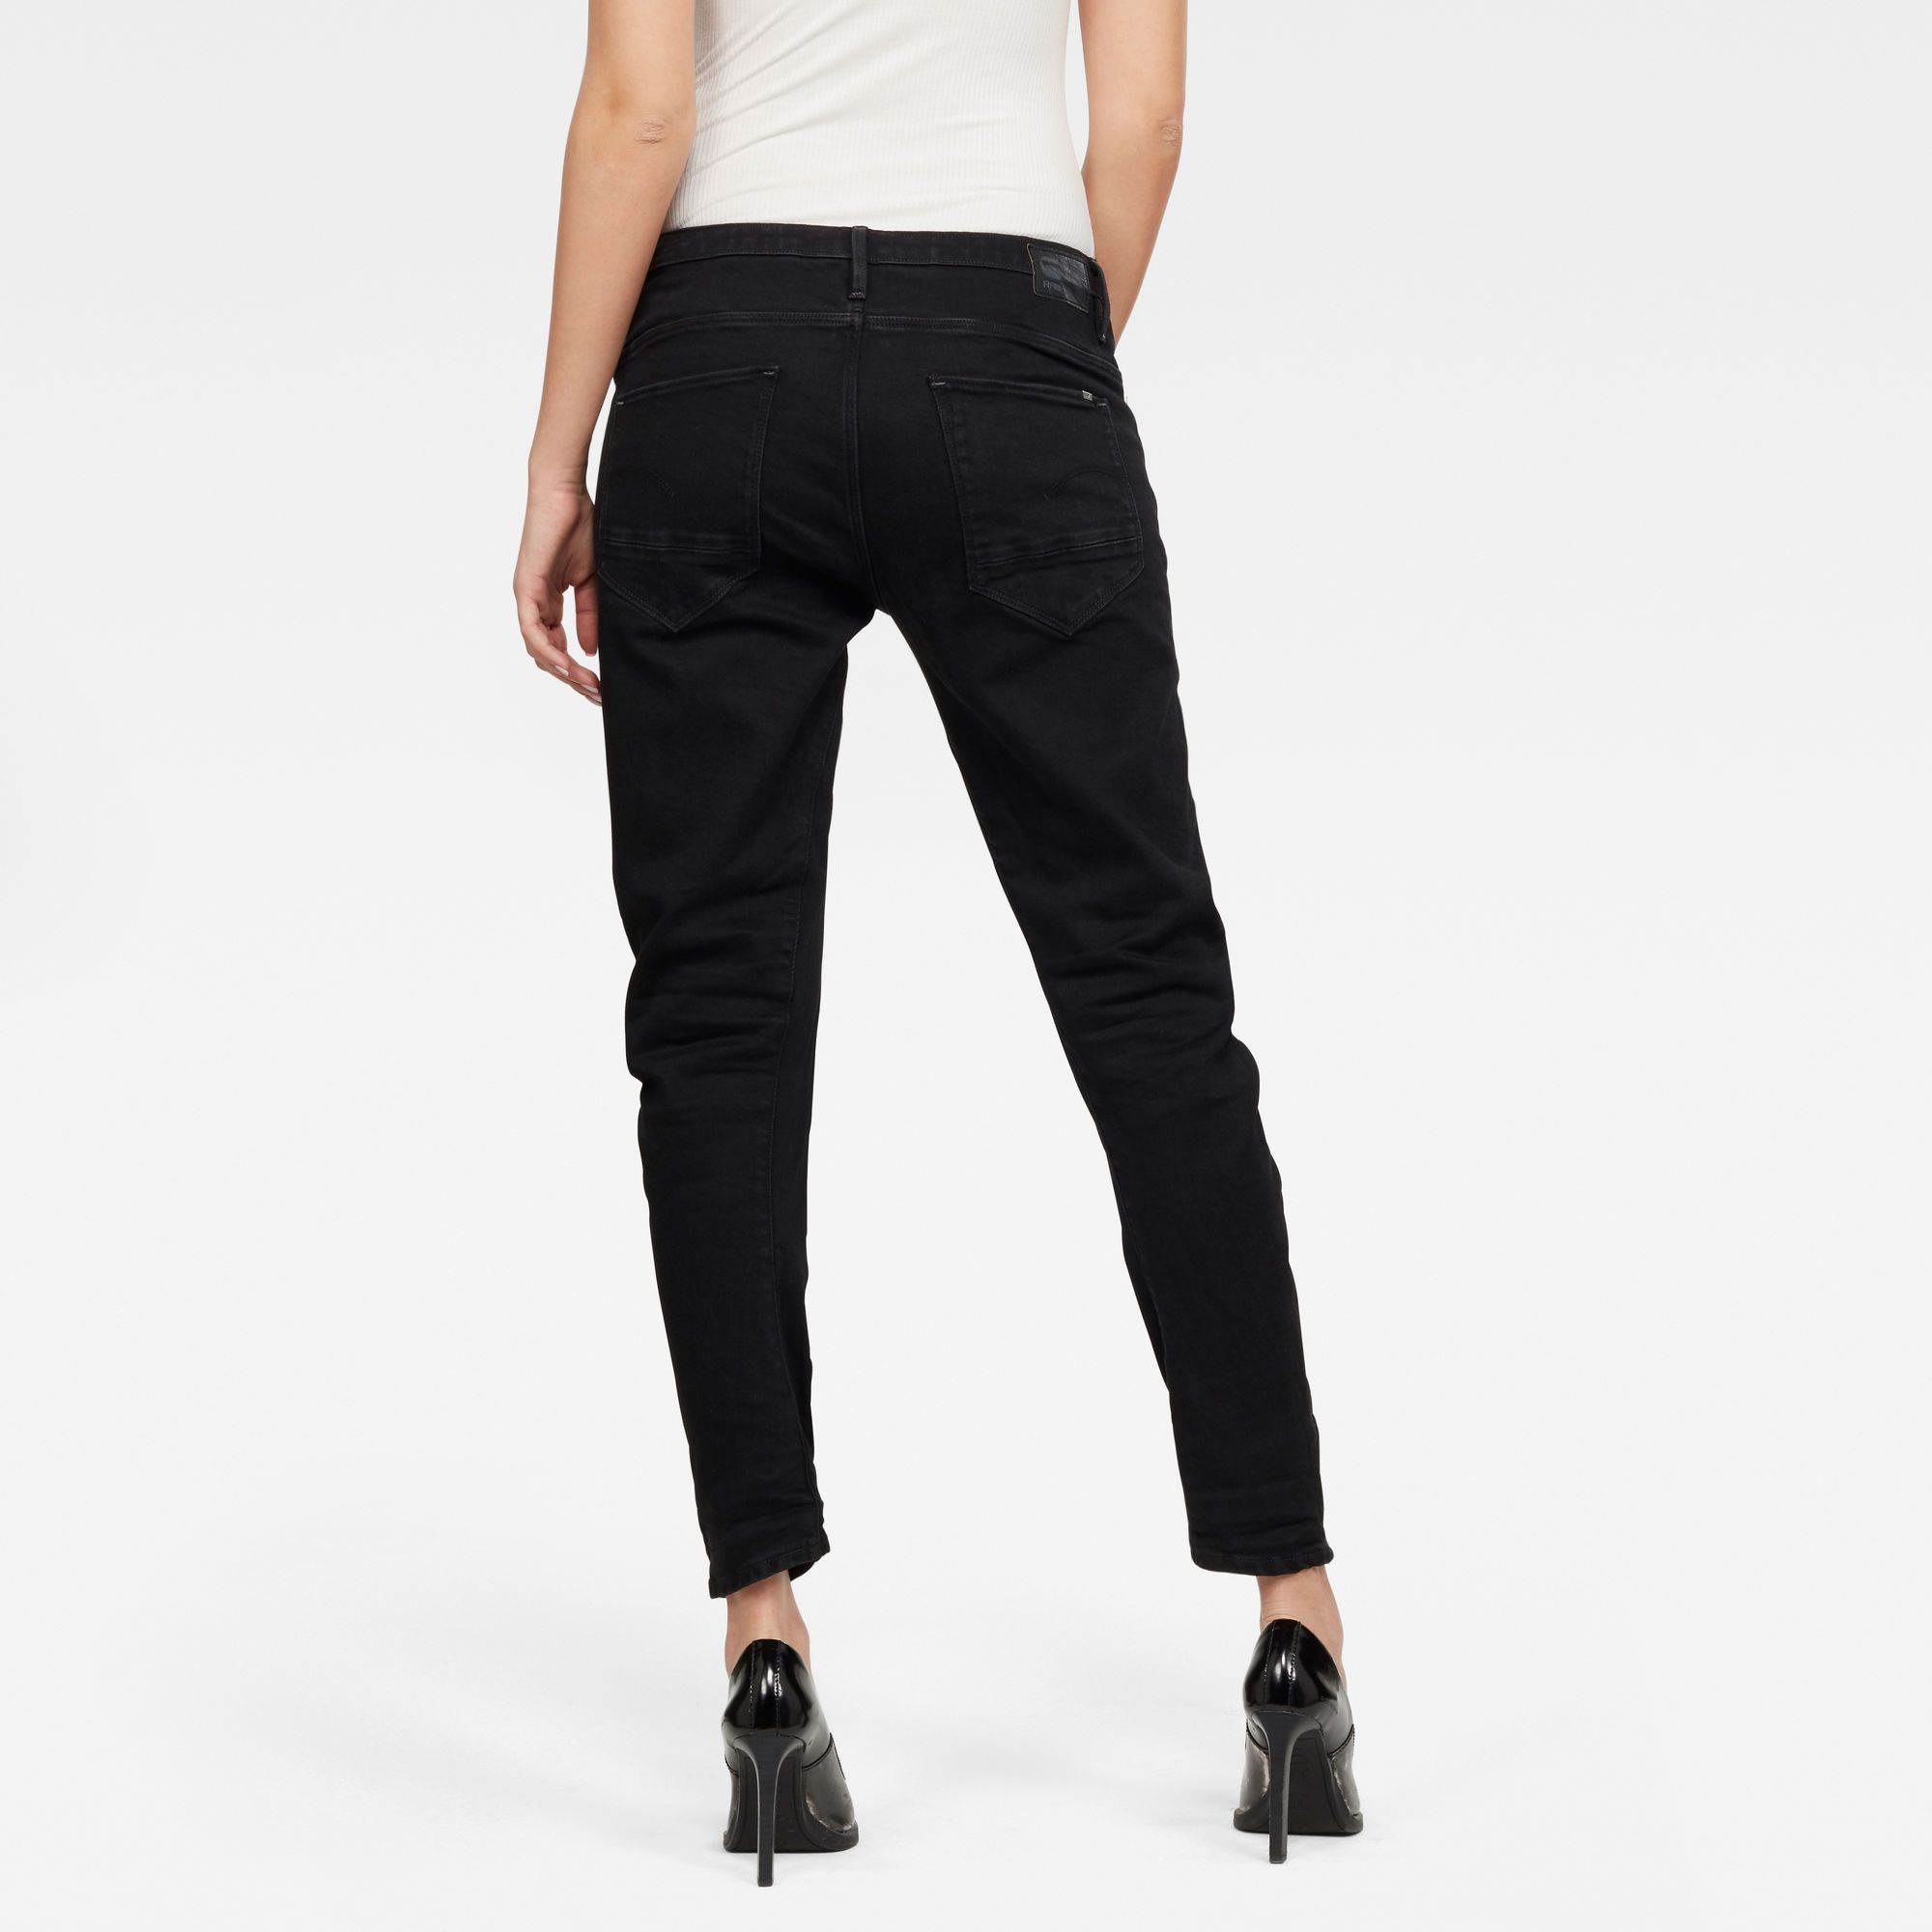 G-Star RAW Arc 3D Low Boyfriend Jeans